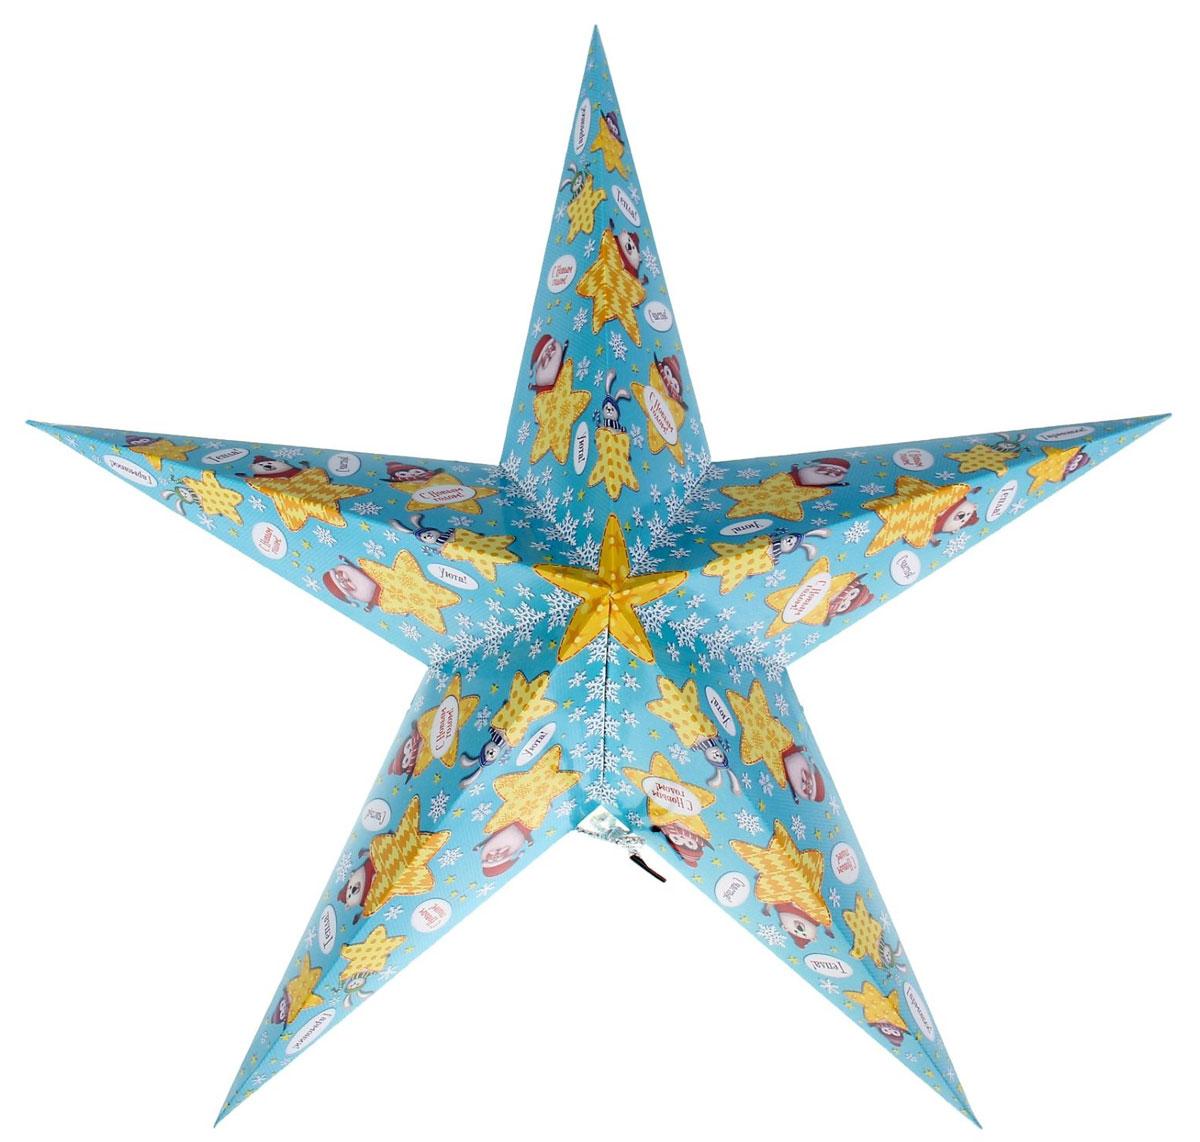 Новогоднее подвесное украшение Sima-land Звезда. Пожелания, 64 см х 64 см х 25 см1117831Подвесное украшение Sima-land Звезда. Пожелания, выполненное из картона, прекрасно подойдет для праздничного декора интерьера. С помощью шнурка его можно повесить в любом понравившемся вам месте. Новогодние украшения несут в себе волшебство и красоту праздника. Они помогут вам украсить дом к предстоящим праздникам и оживить интерьер по вашему вкусу. Создайте в доме атмосферу тепла, веселья и радости, украшая его всей семьей.